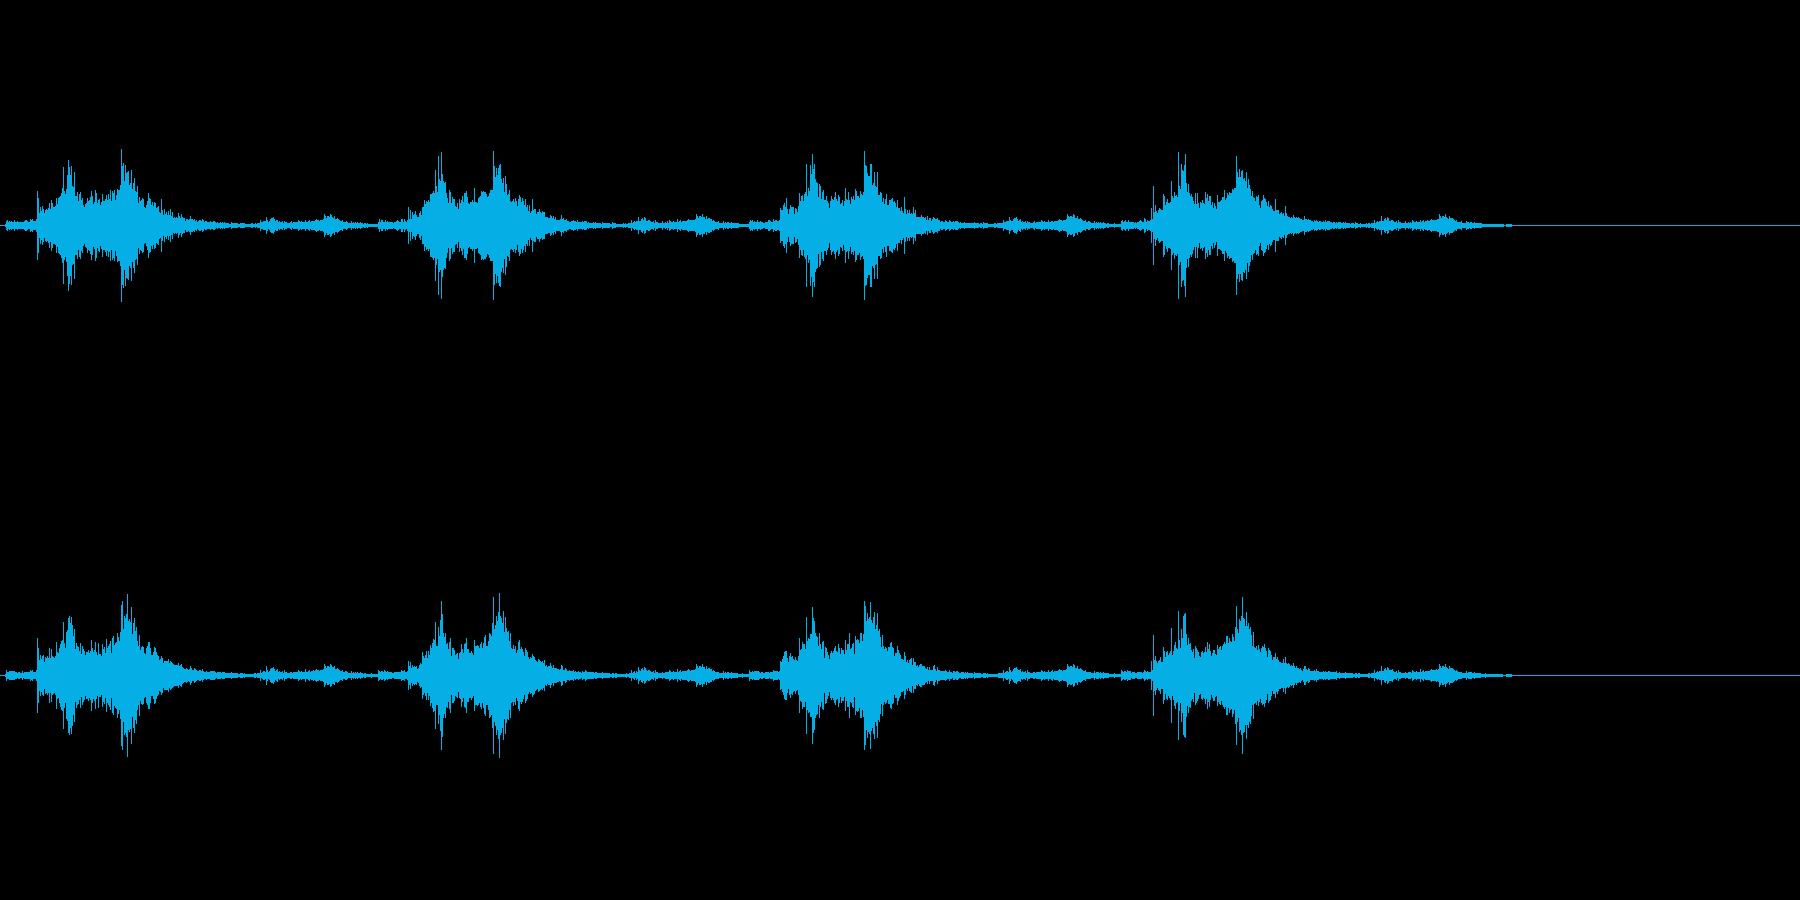 バサッ…バサッ…(羽ばたき音、飛行系)の再生済みの波形